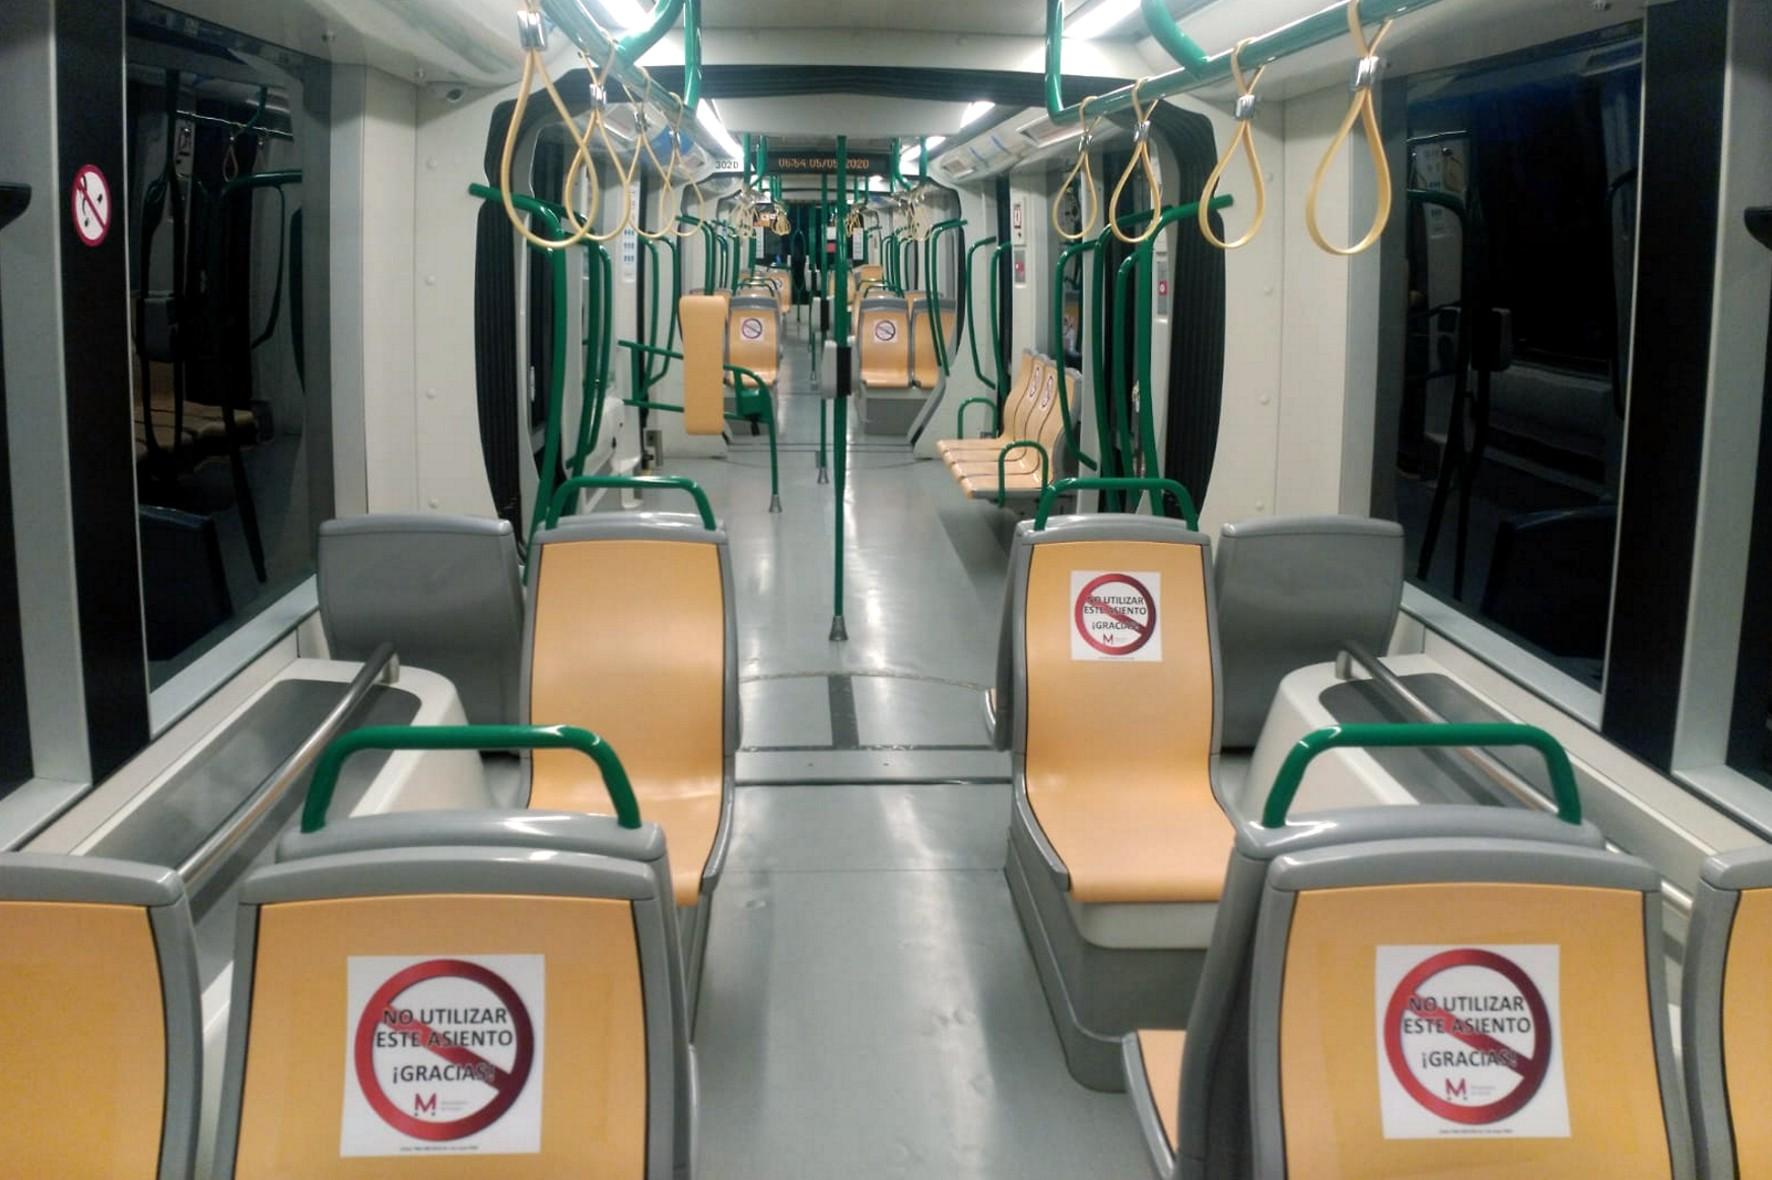 Los trenes circularán al 505 de su capacidad.